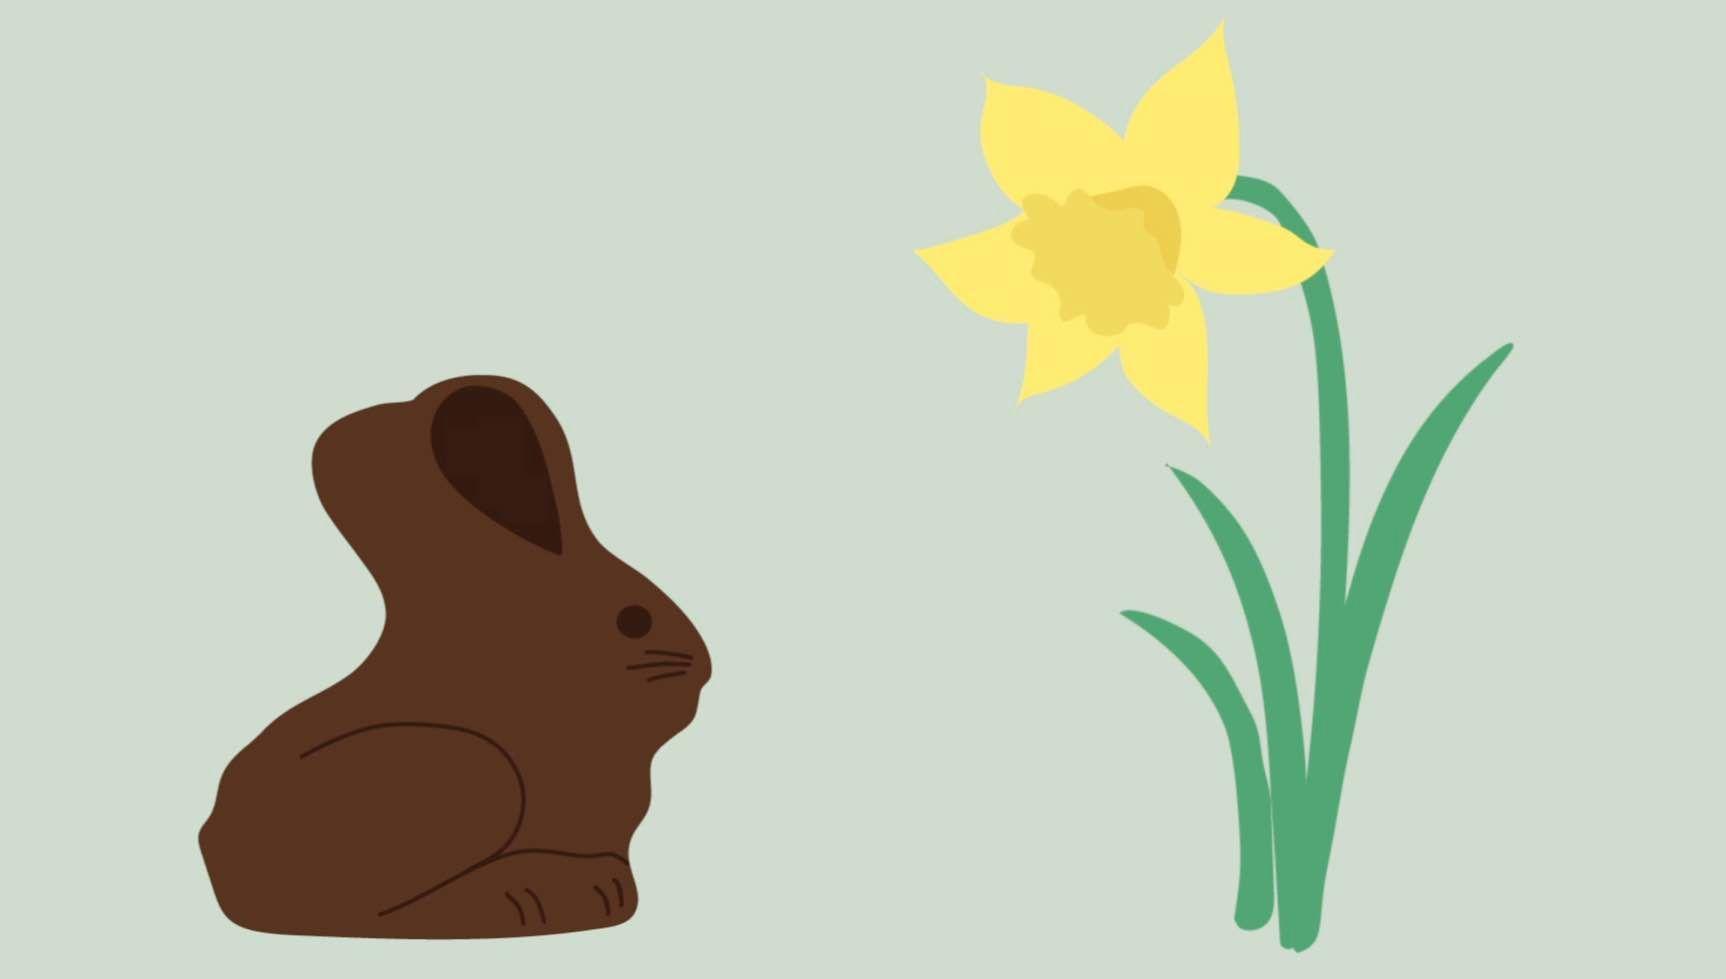 Ostern in der Corona-Krise: 5 Tipps, wie das Eiersuchen trotzdem zum Erfolg wird